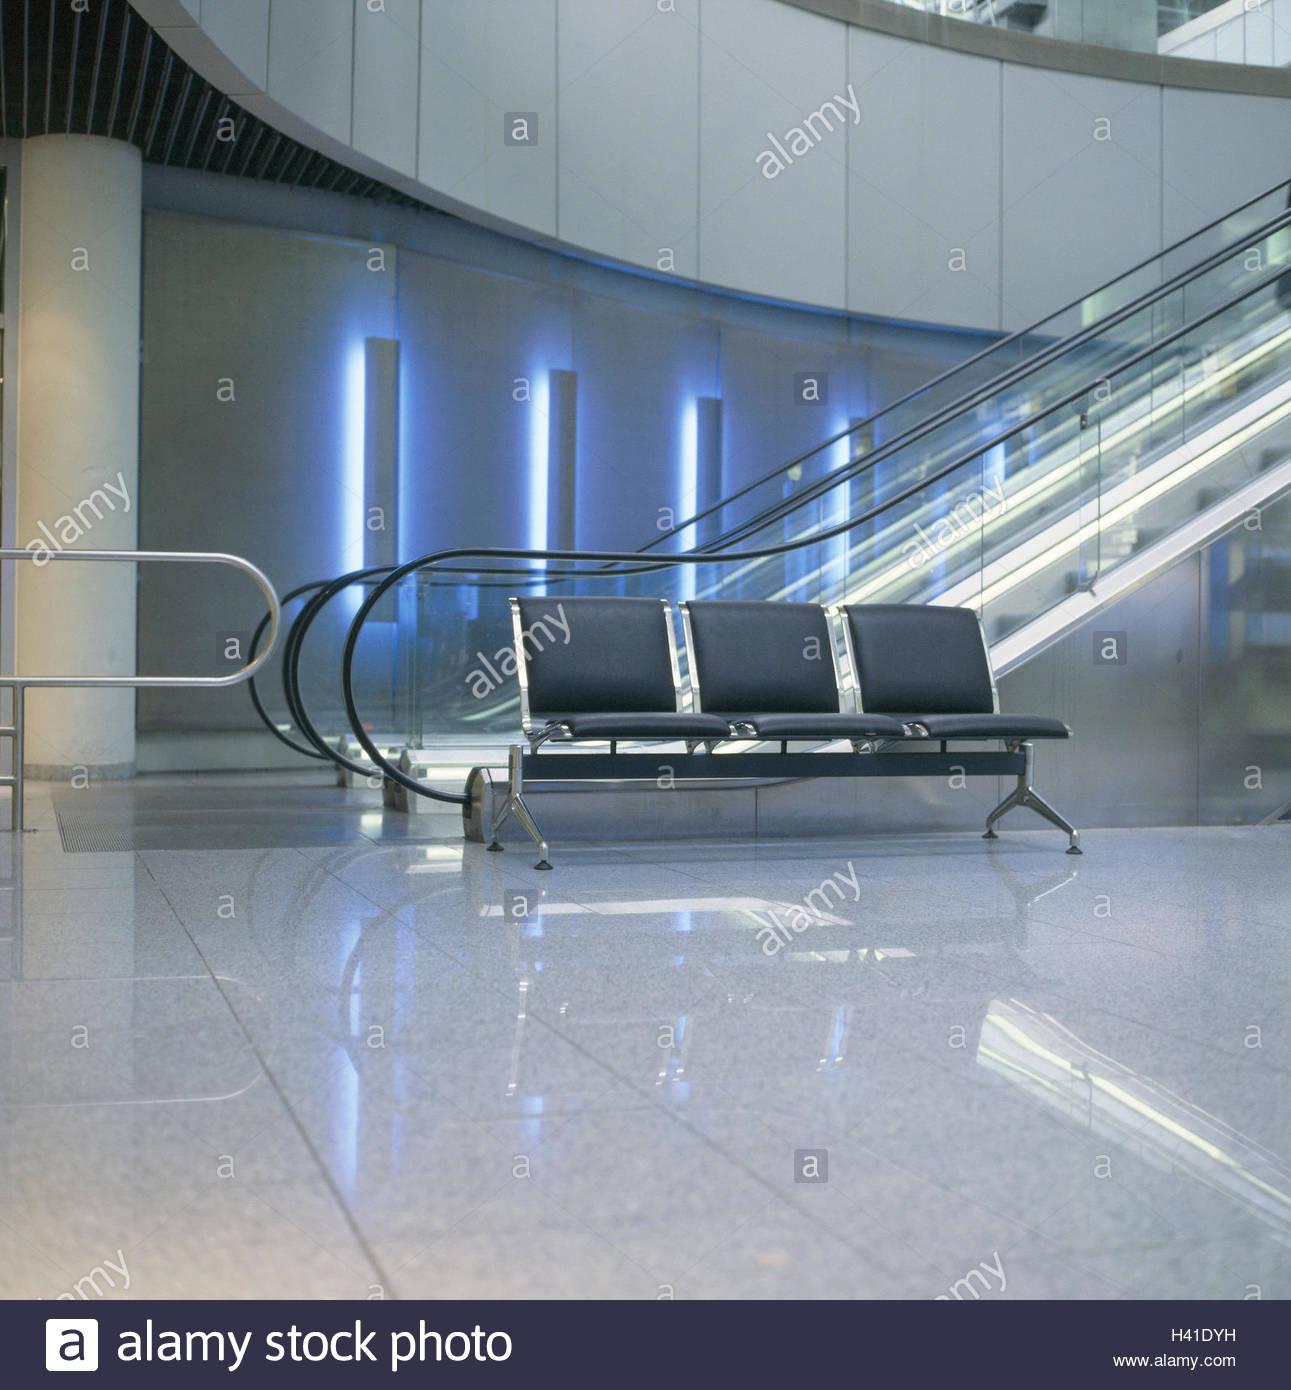 Dusseldorf Airport Interior Stock Photos & Dusseldorf Airport ...